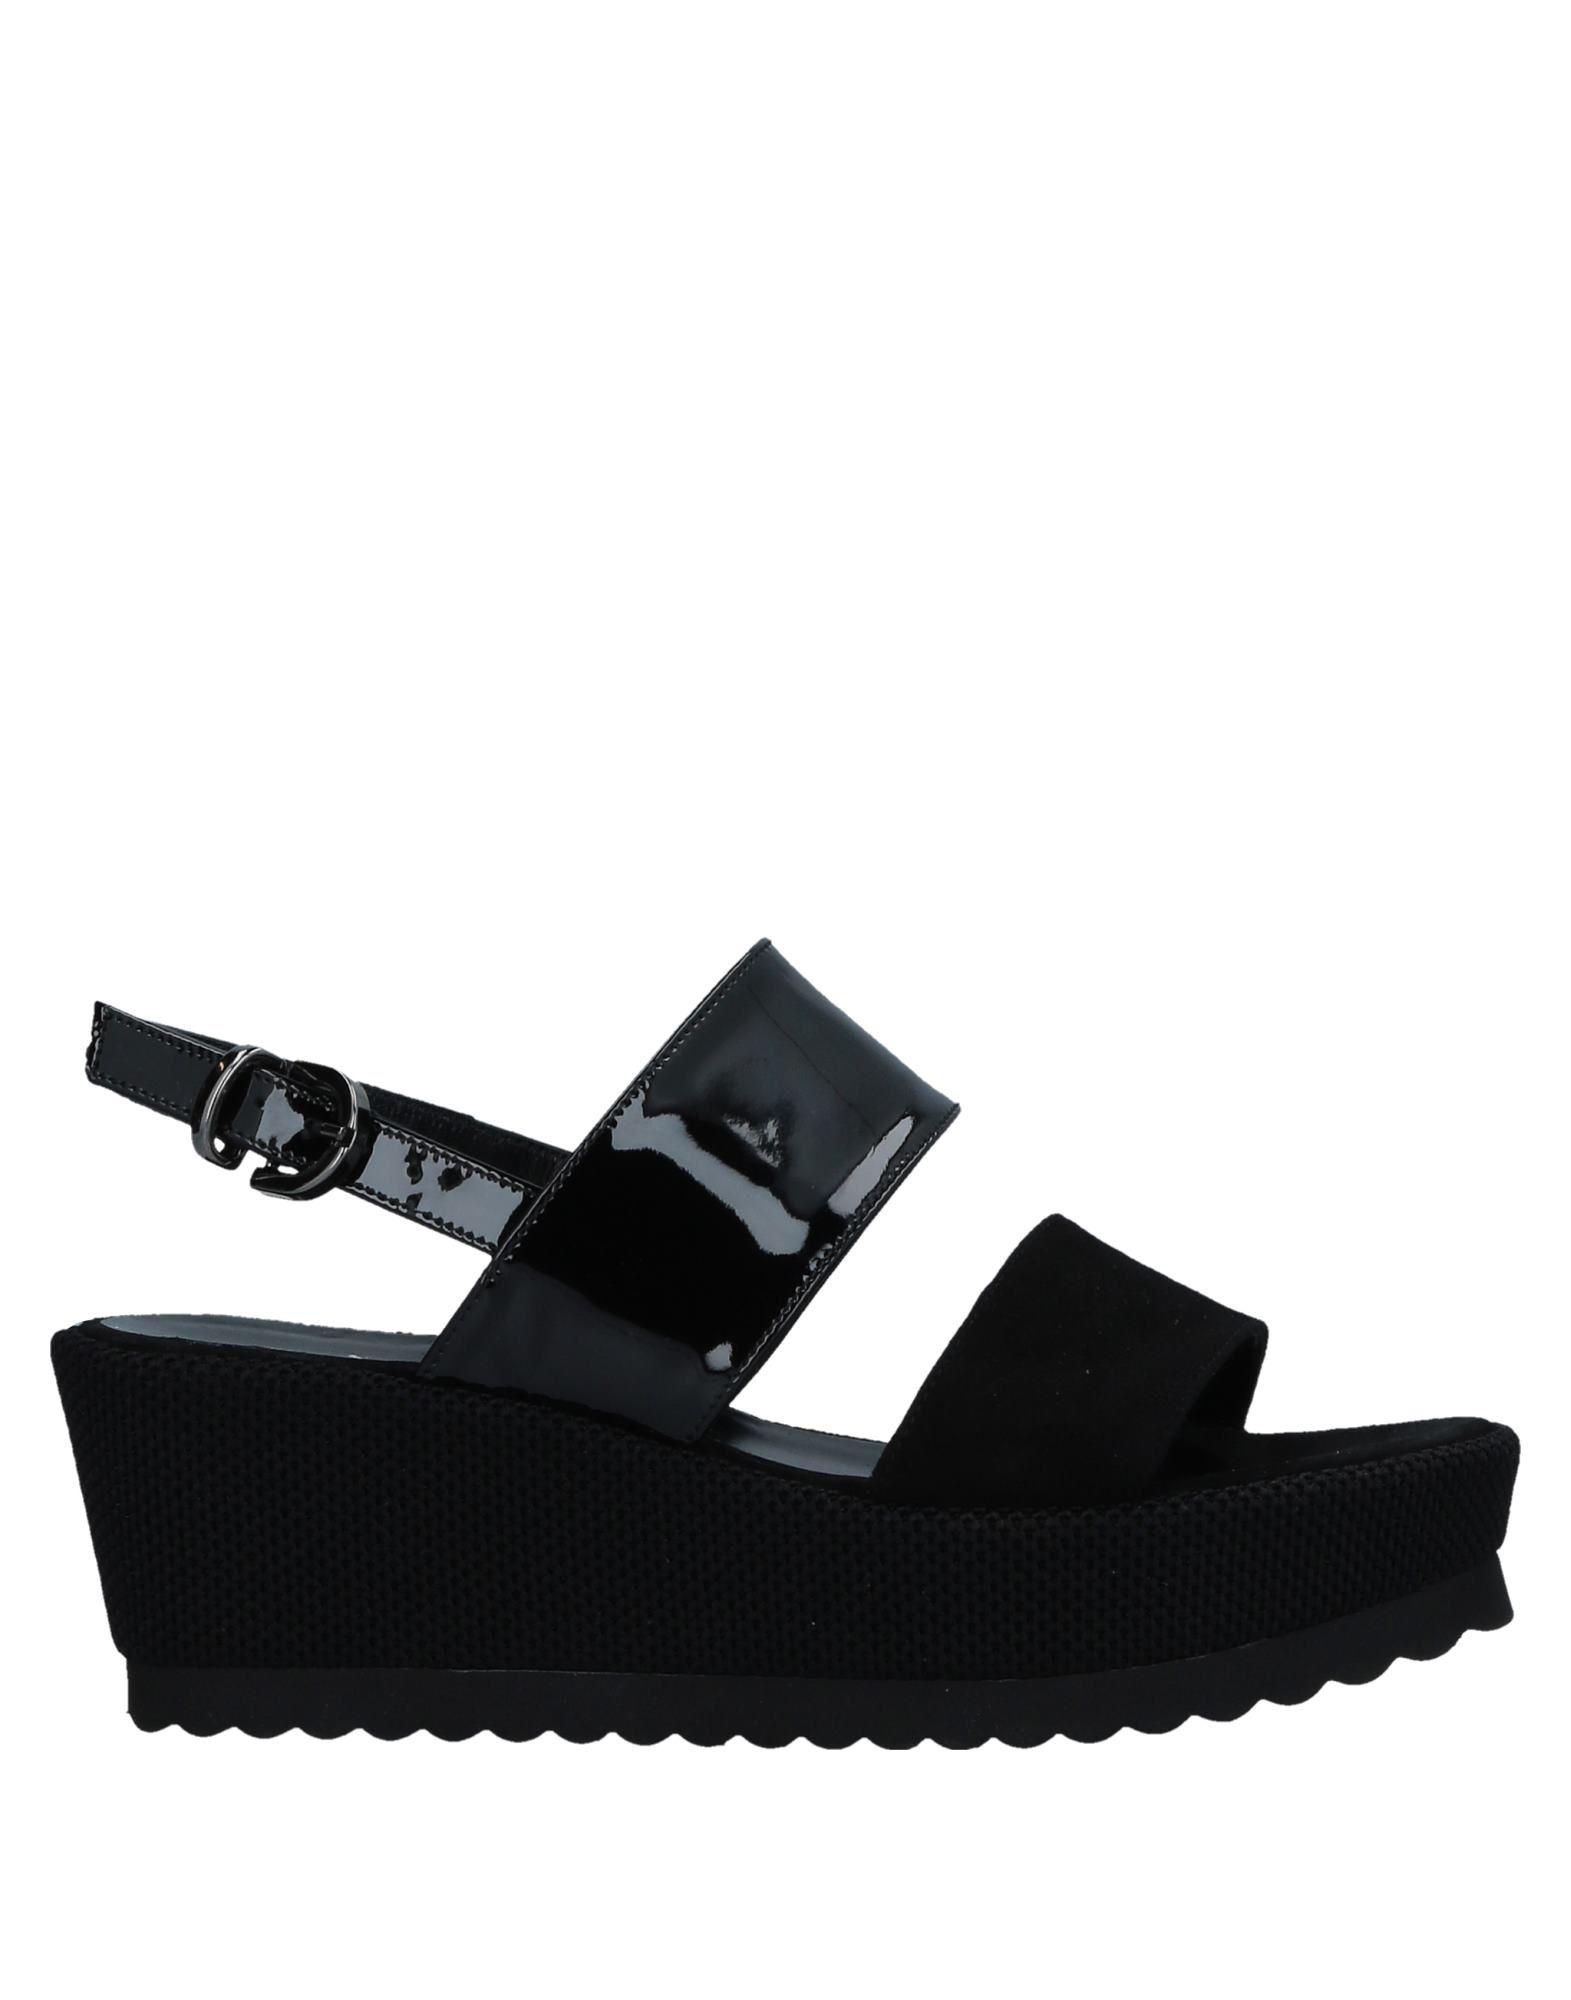 Tres Jolie Gute Sandalen Damen  11527735MW Gute Jolie Qualität beliebte Schuhe 583f4a